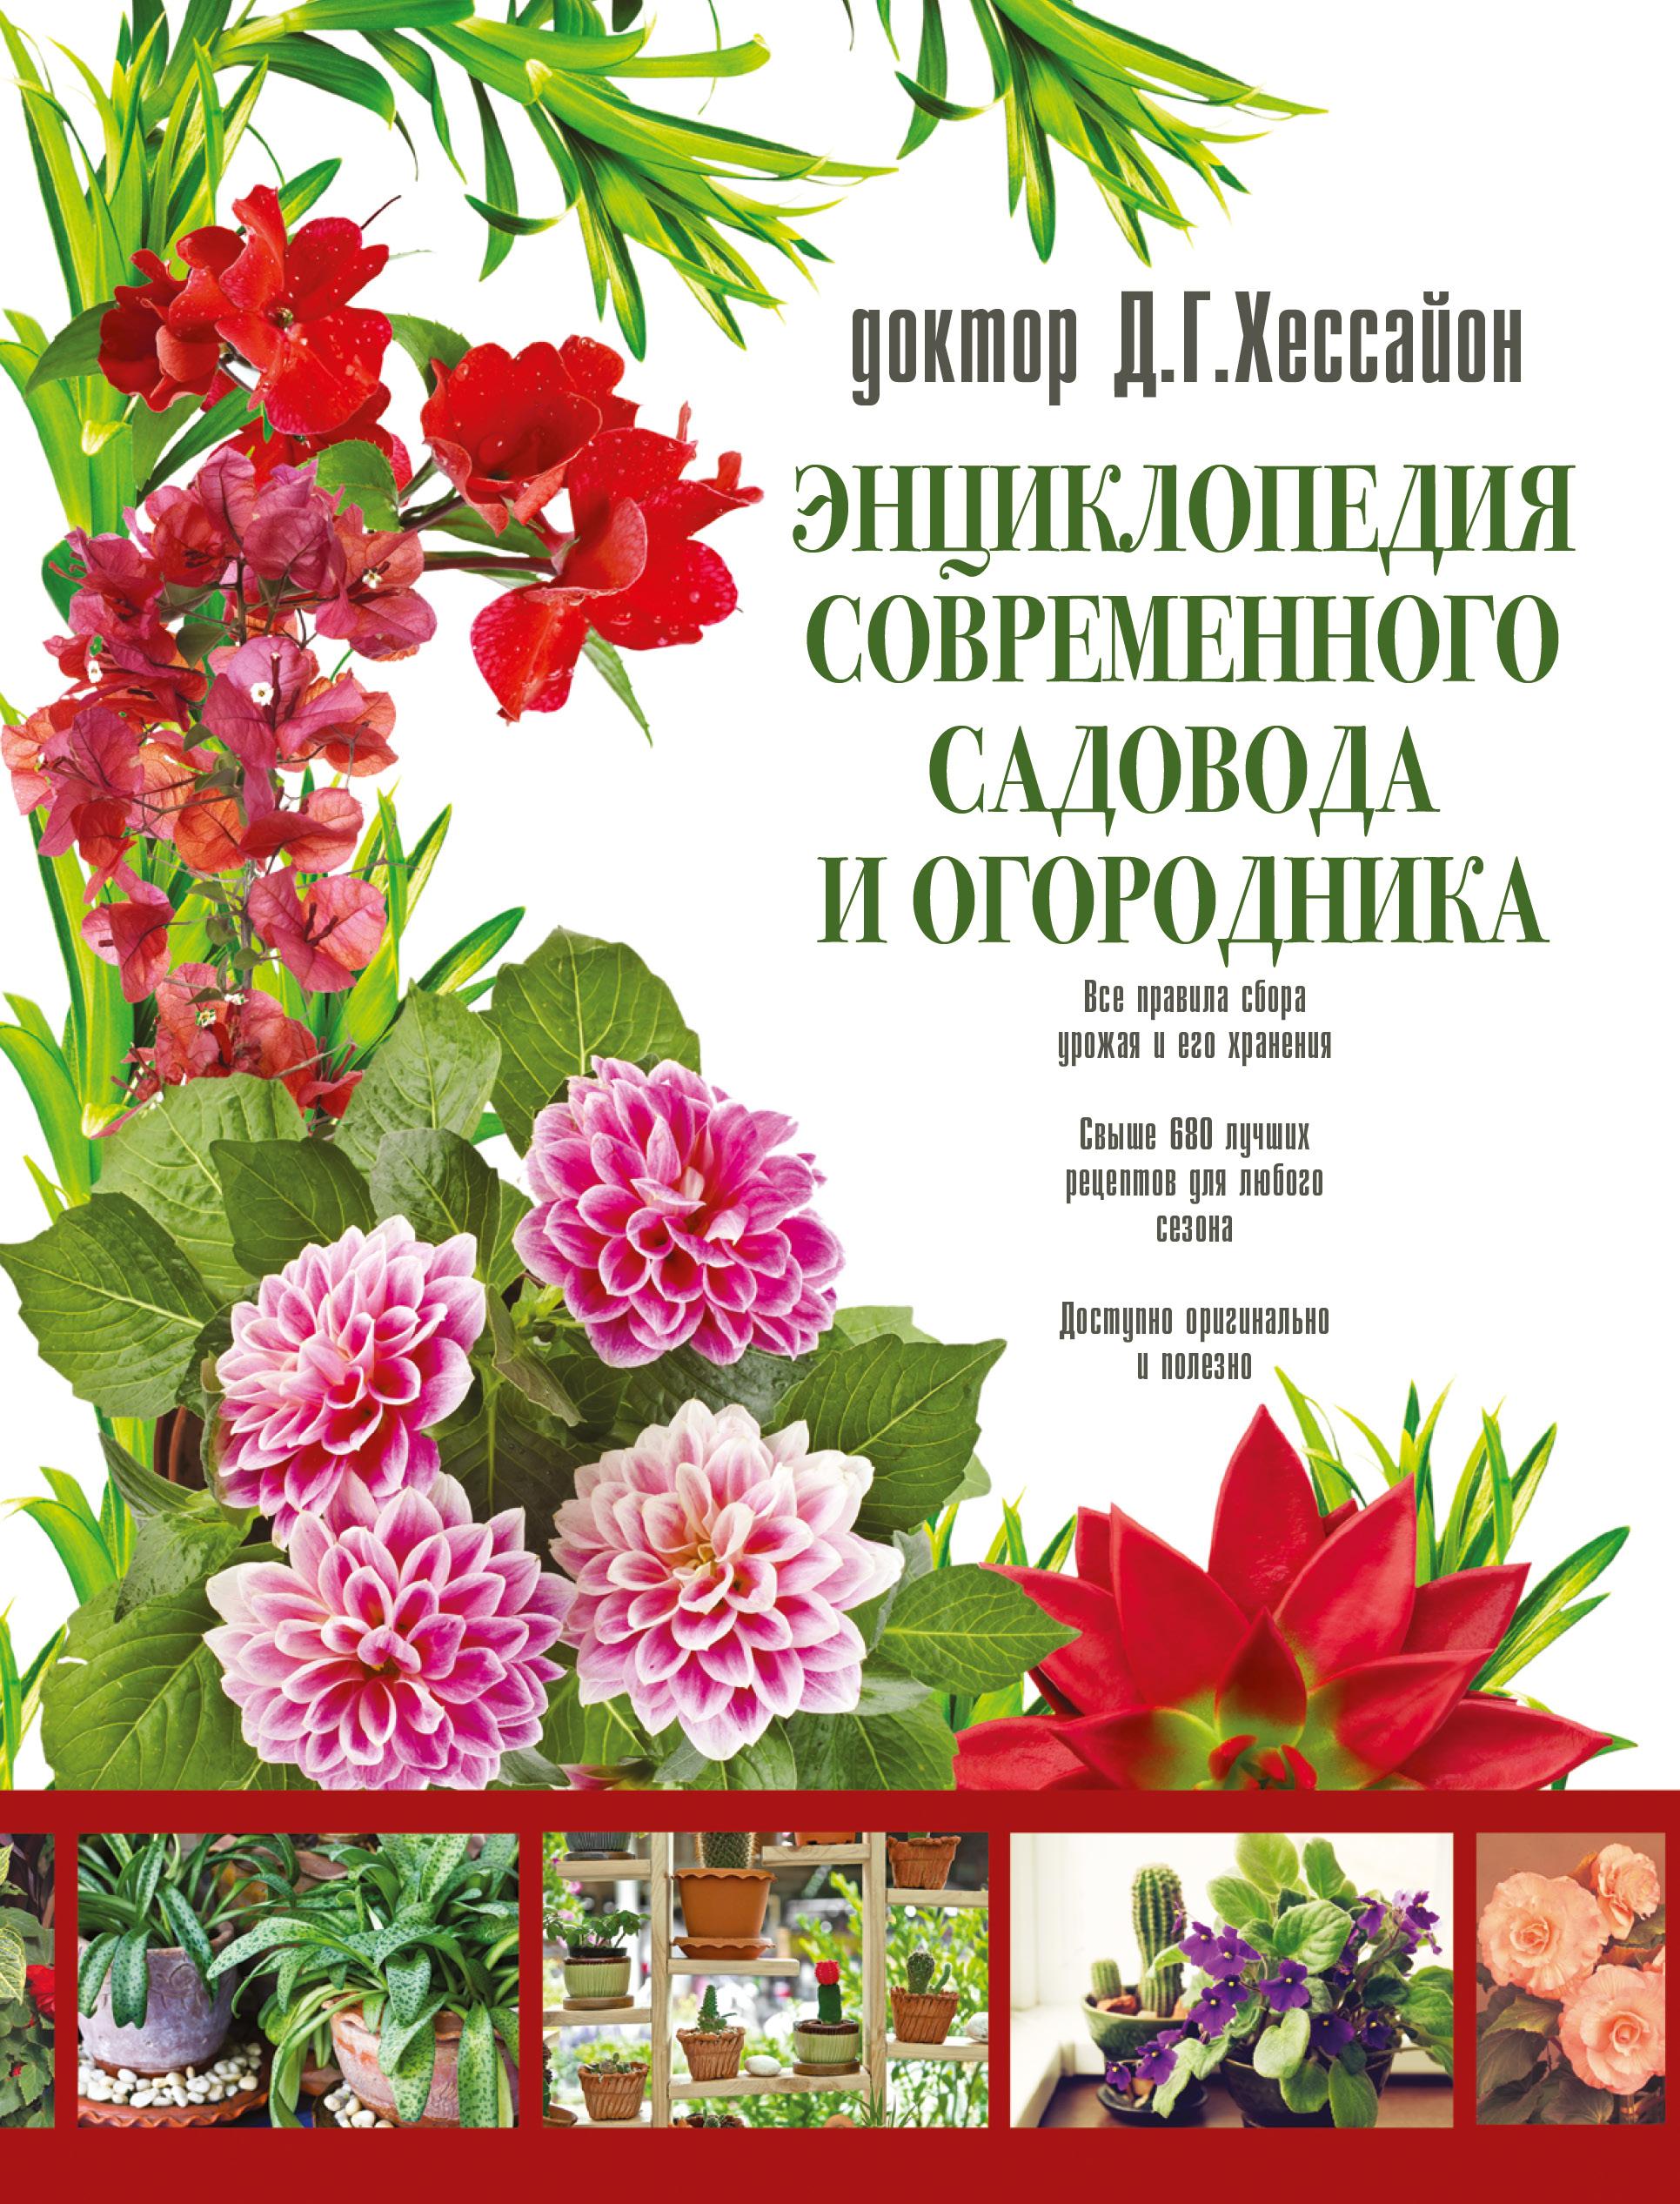 Энциклопедия современного садовода и огородника